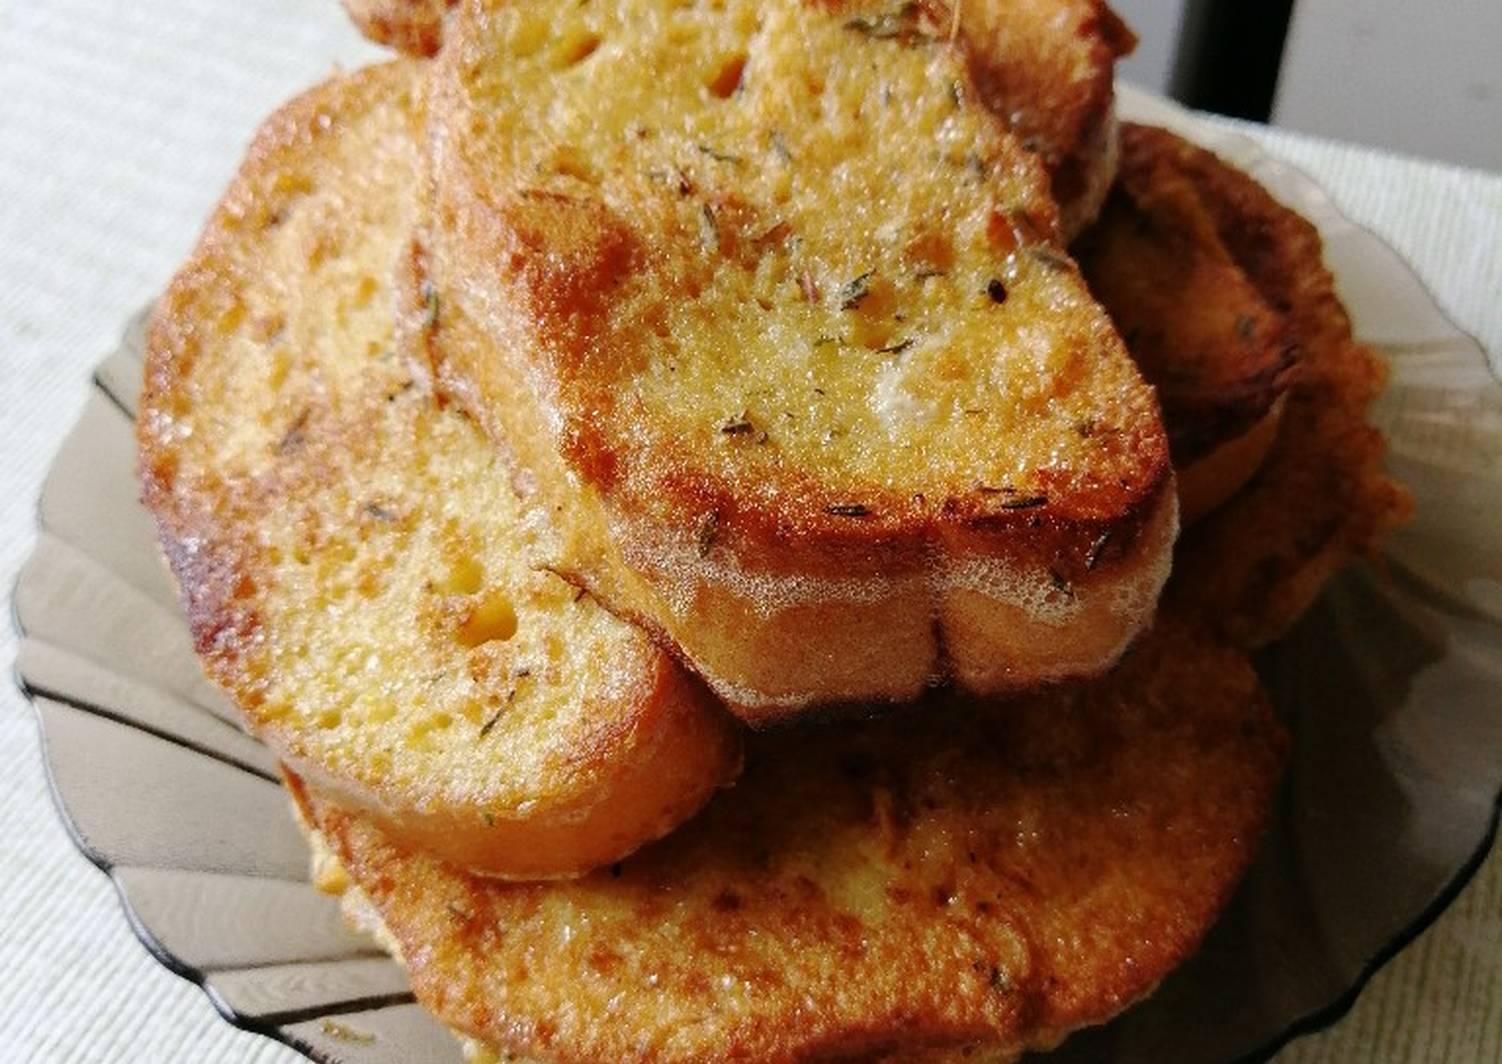 Необычные кремы для тортов рецепты с фото укладывается